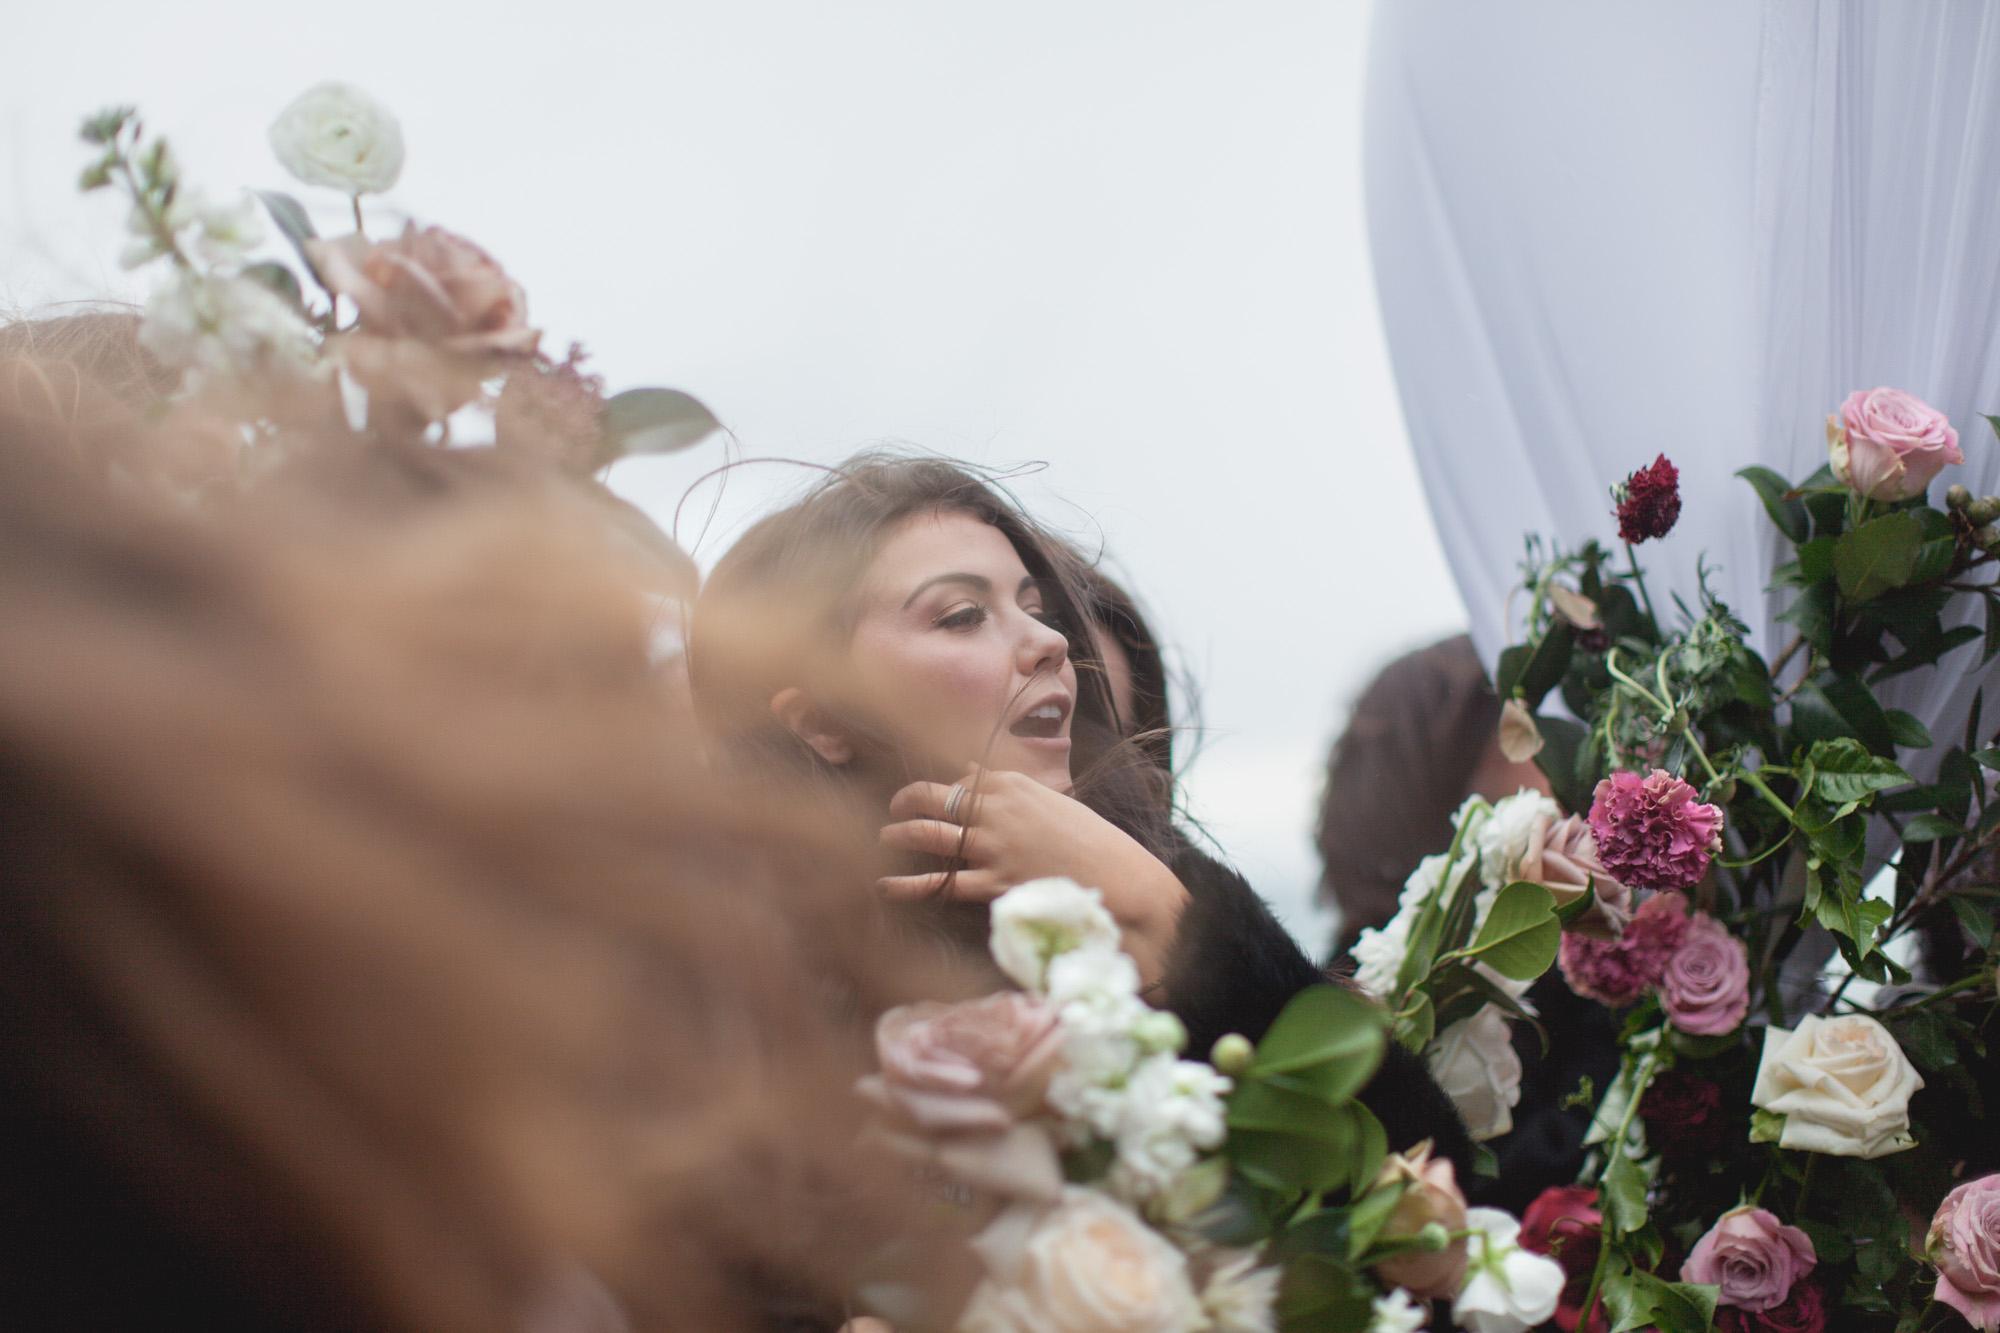 john-henry-wedding-photographer-aaron-devorah-the-lookout-069.JPG